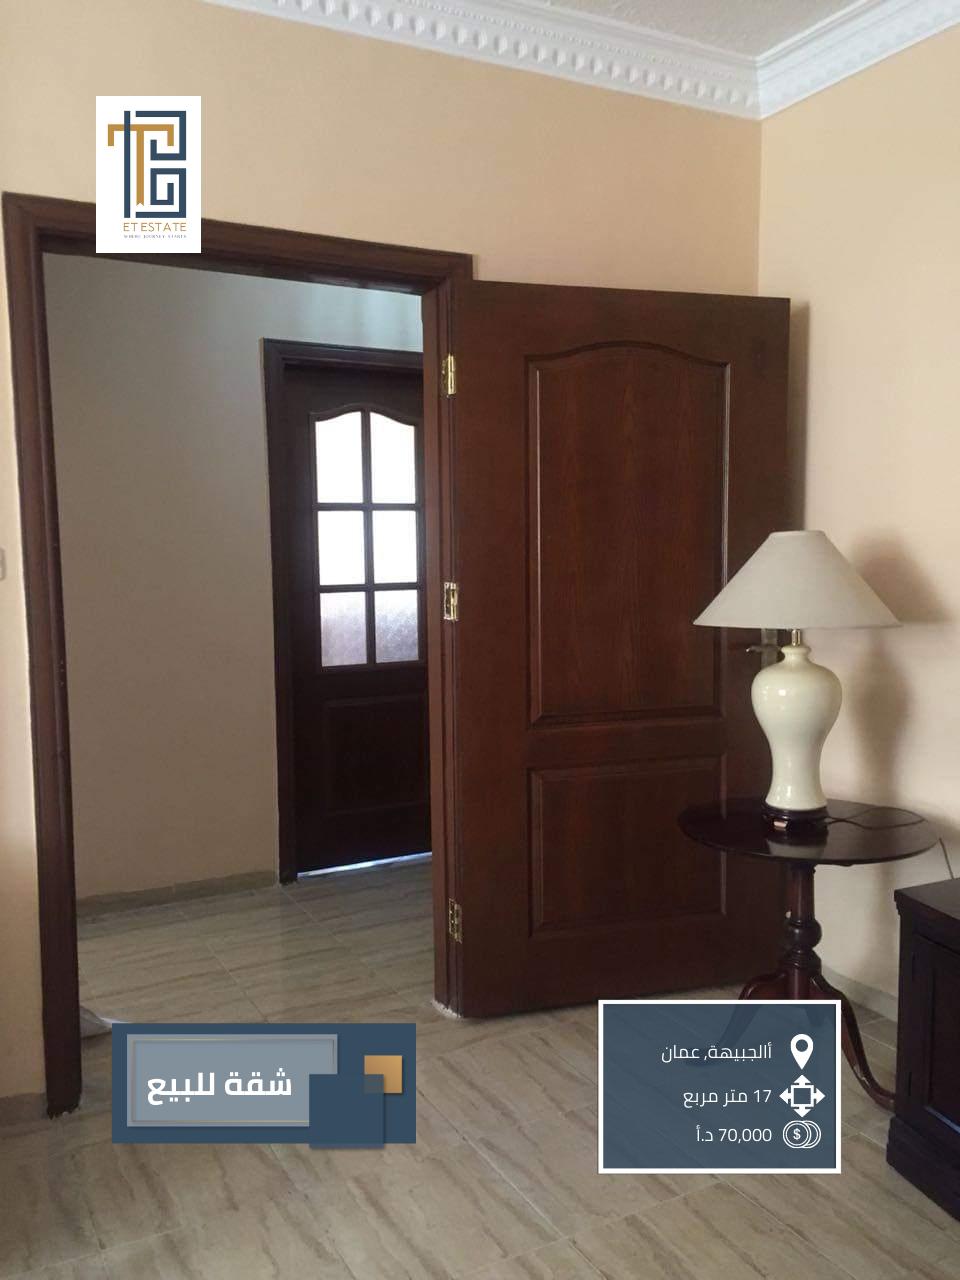 شقة للبيع في الجبيهة قرب طلوع المغناطيس – إمكانية التقسيط